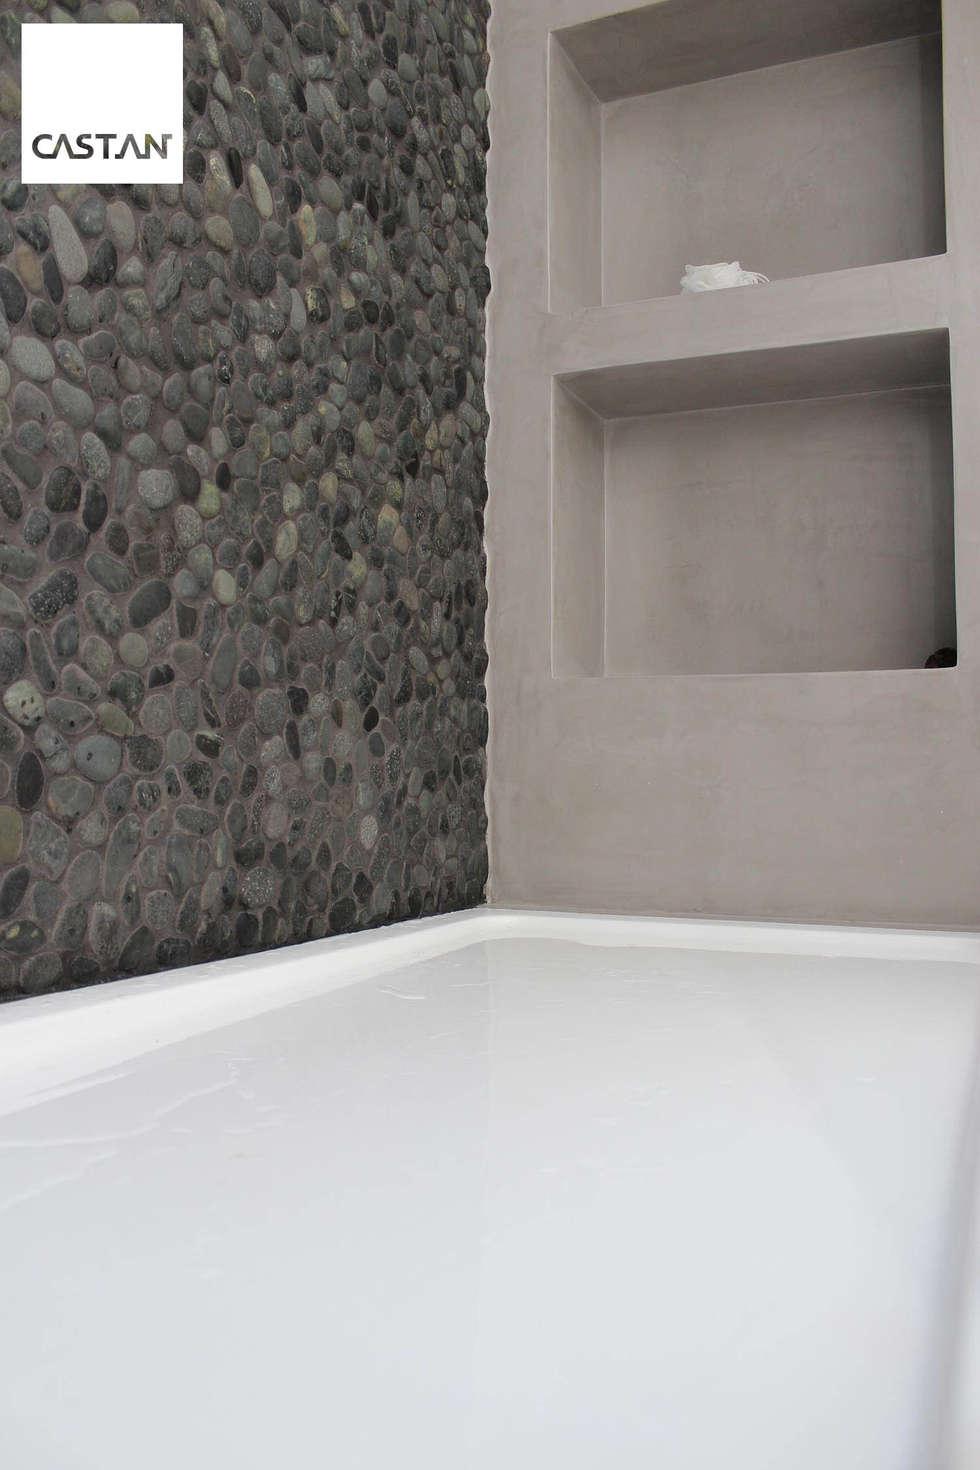 Nichos - instalação sanitária piso superior: Casas de banho modernas por Castan